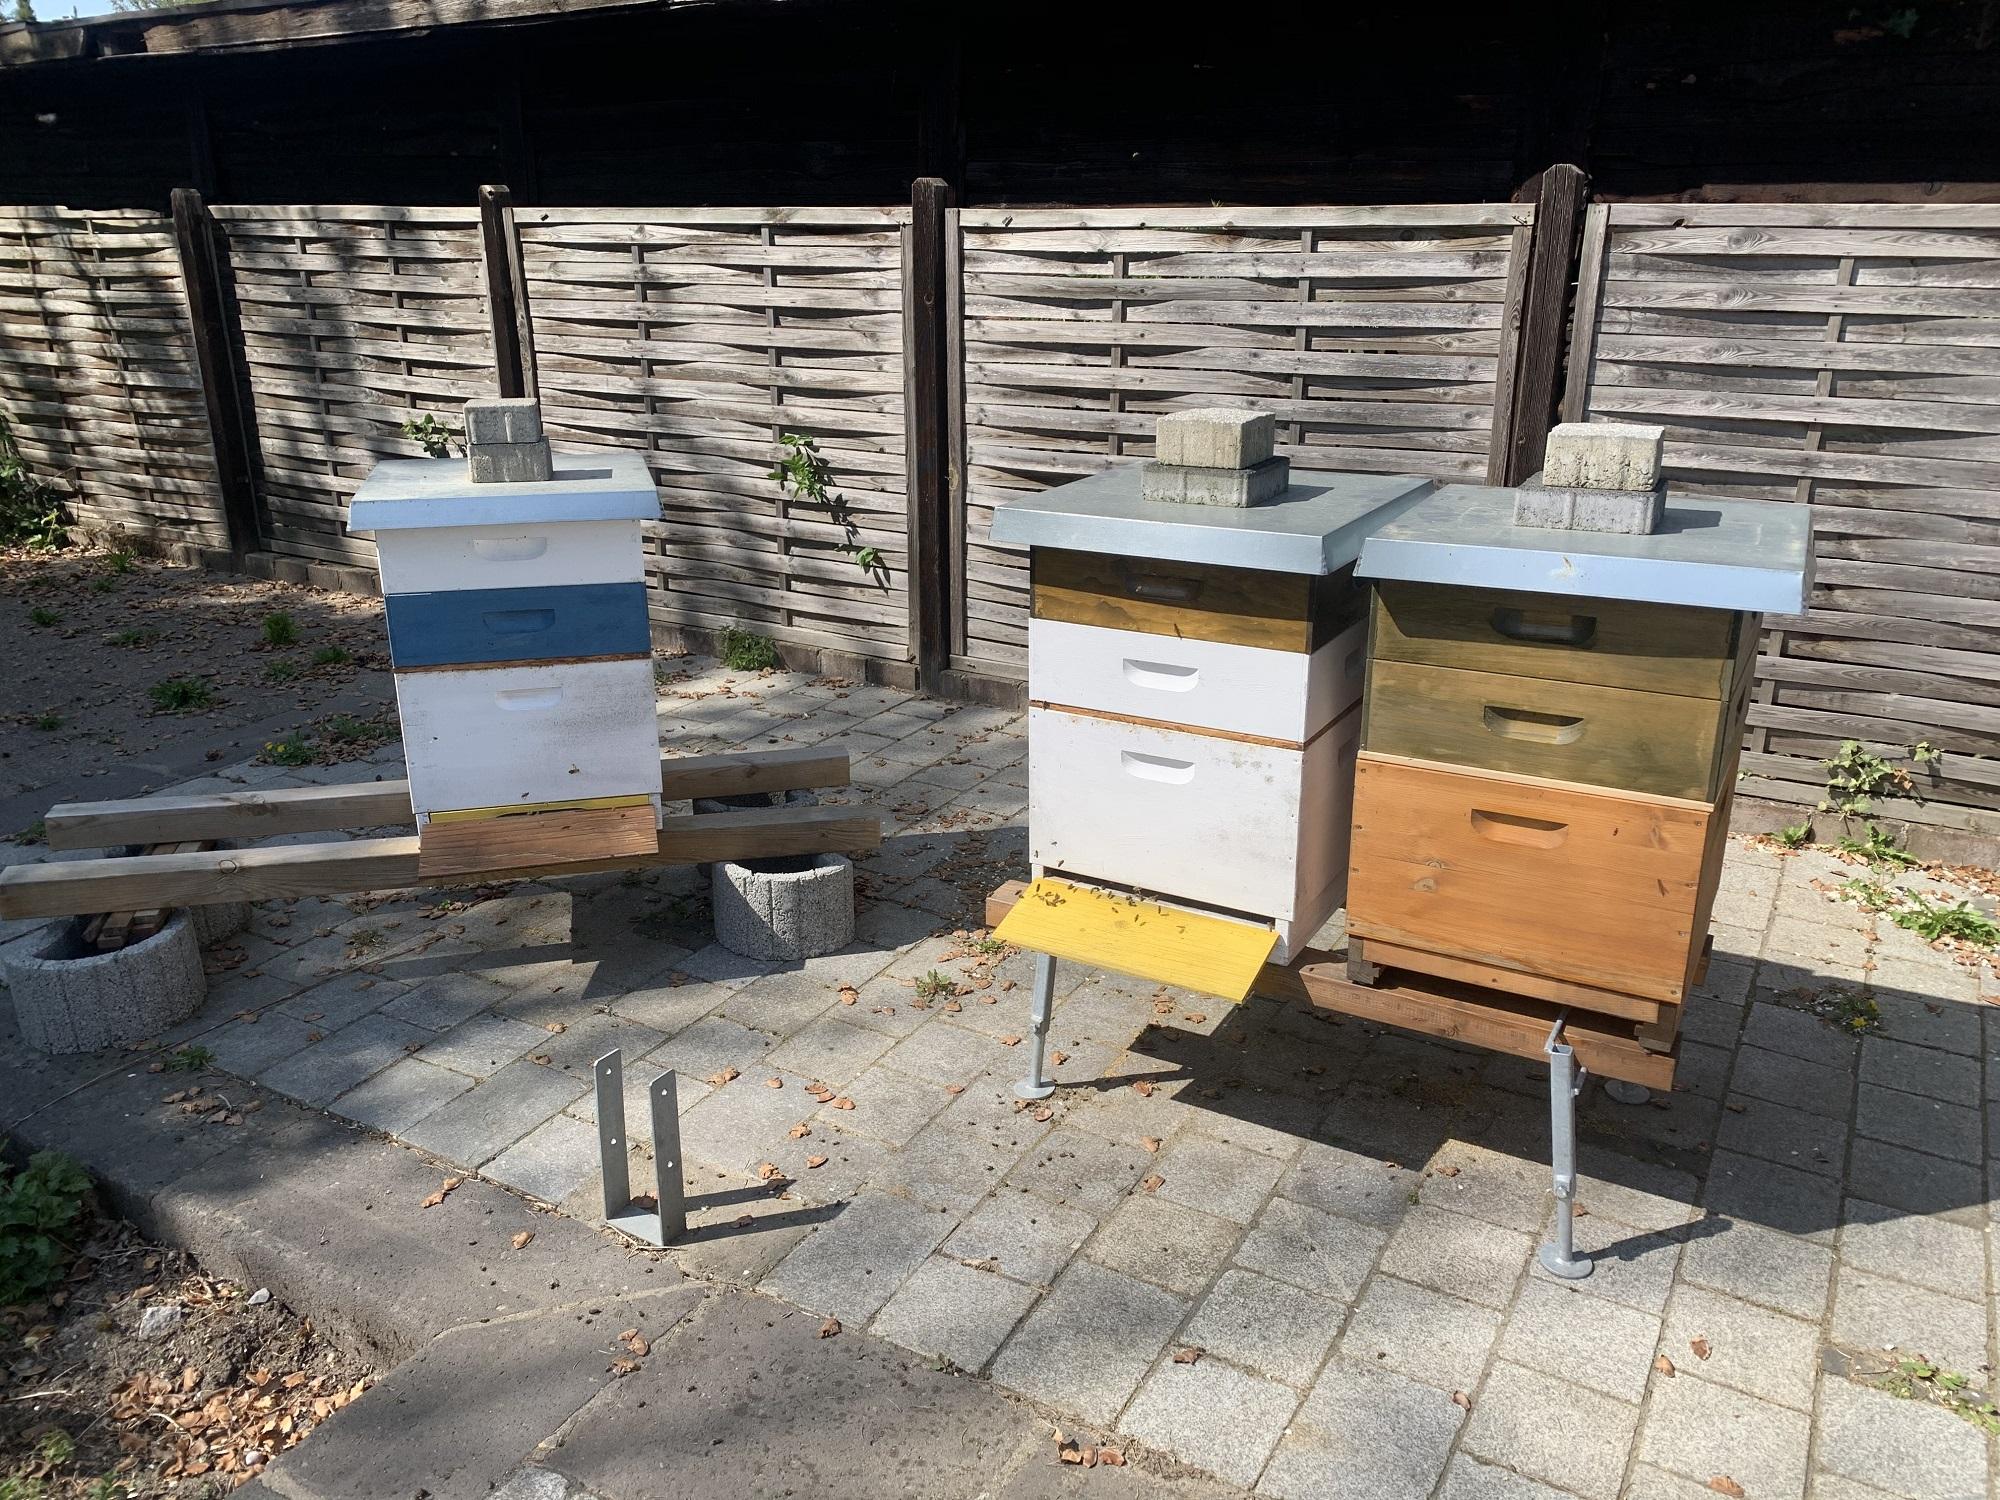 Zweiter Honigraum Dadant April 2020